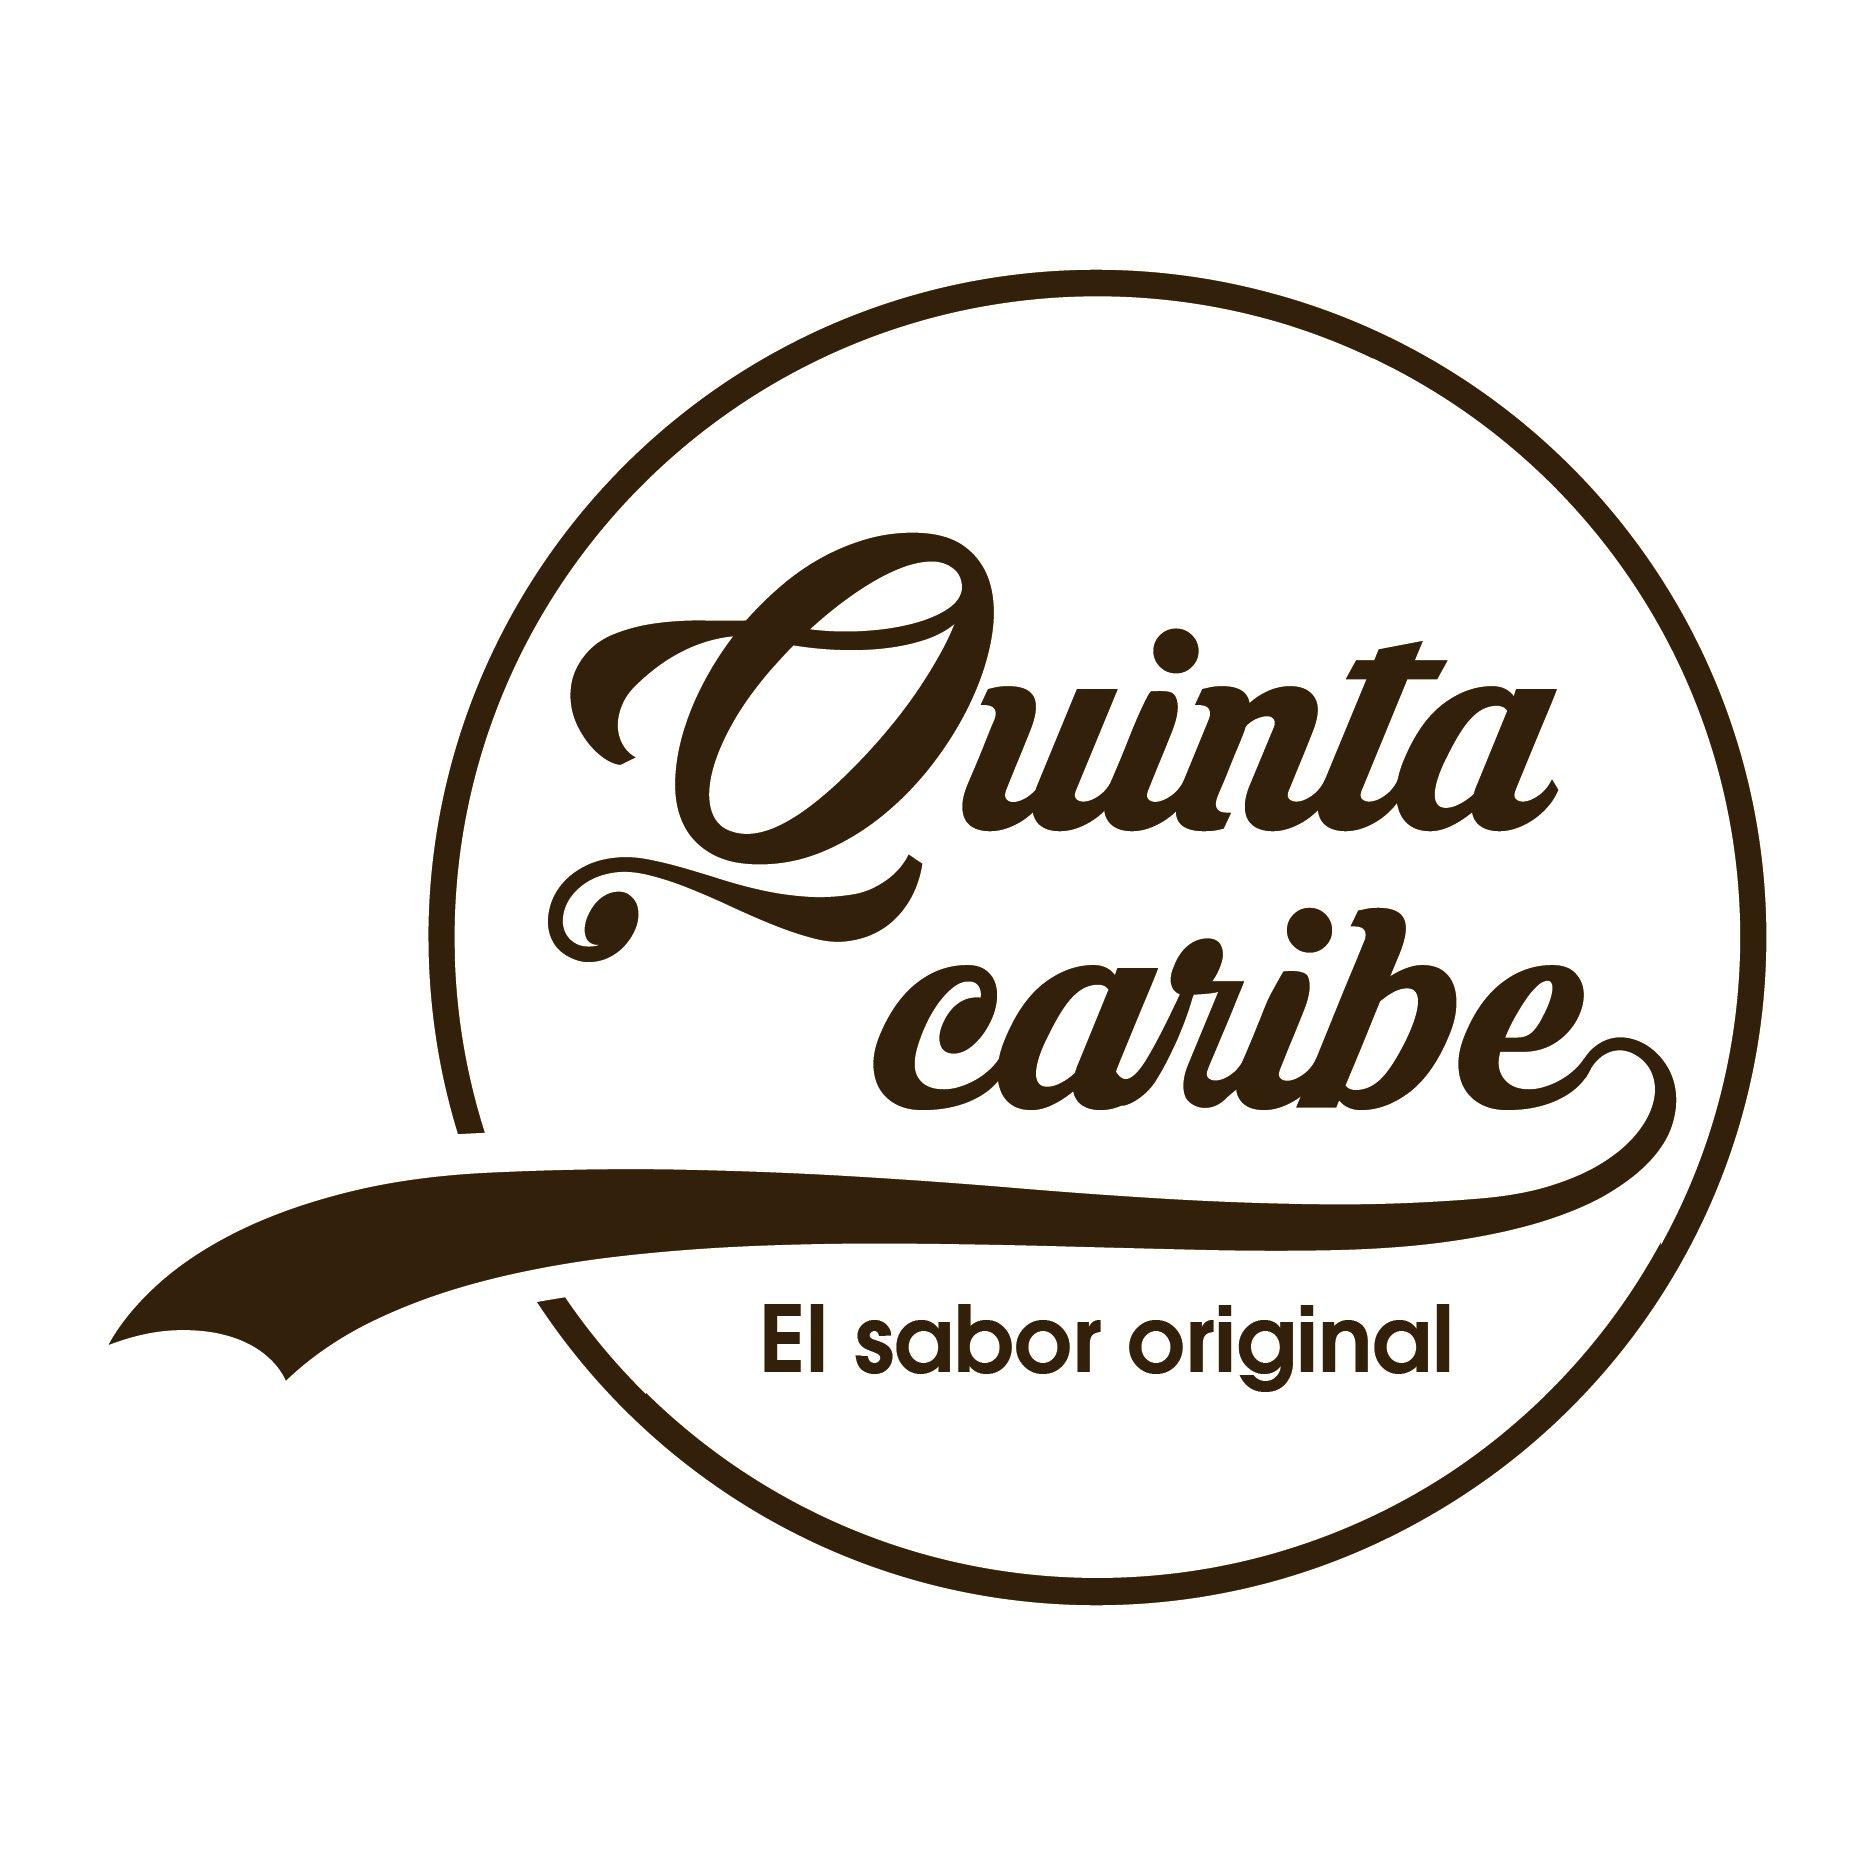 Quinta Caribe